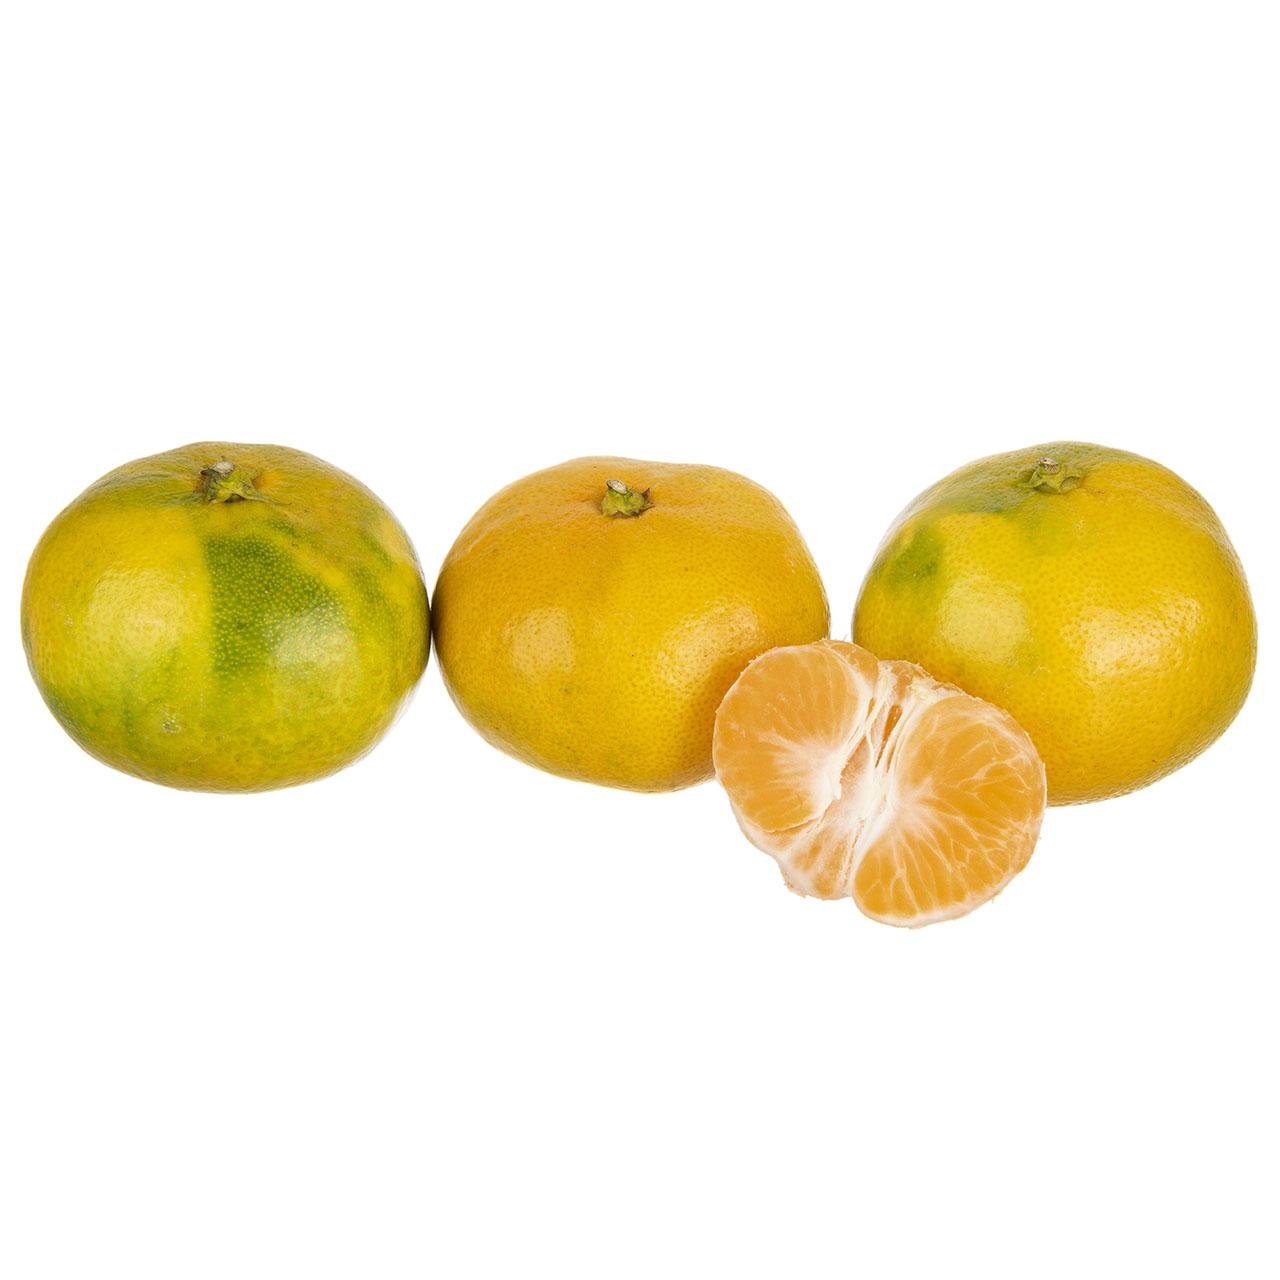 نارنگی دست چین مقدار 1 کیلوگرم